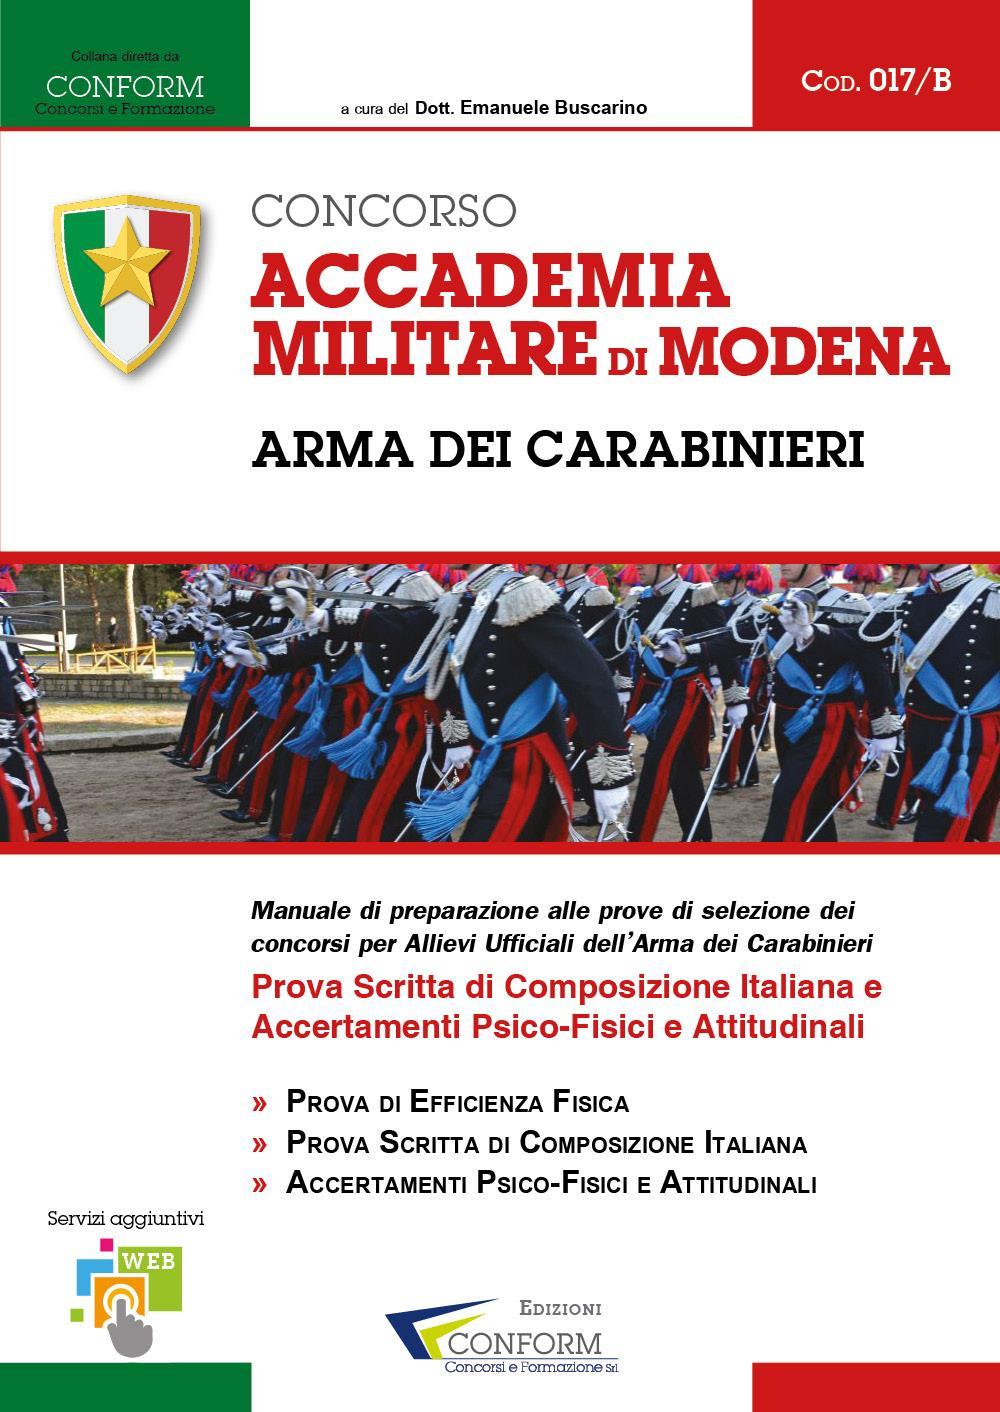 017/B Concorso Accademia Militare di Modena - Arma dei Carabinieri - Prova Scritta e Accertamenti TPA